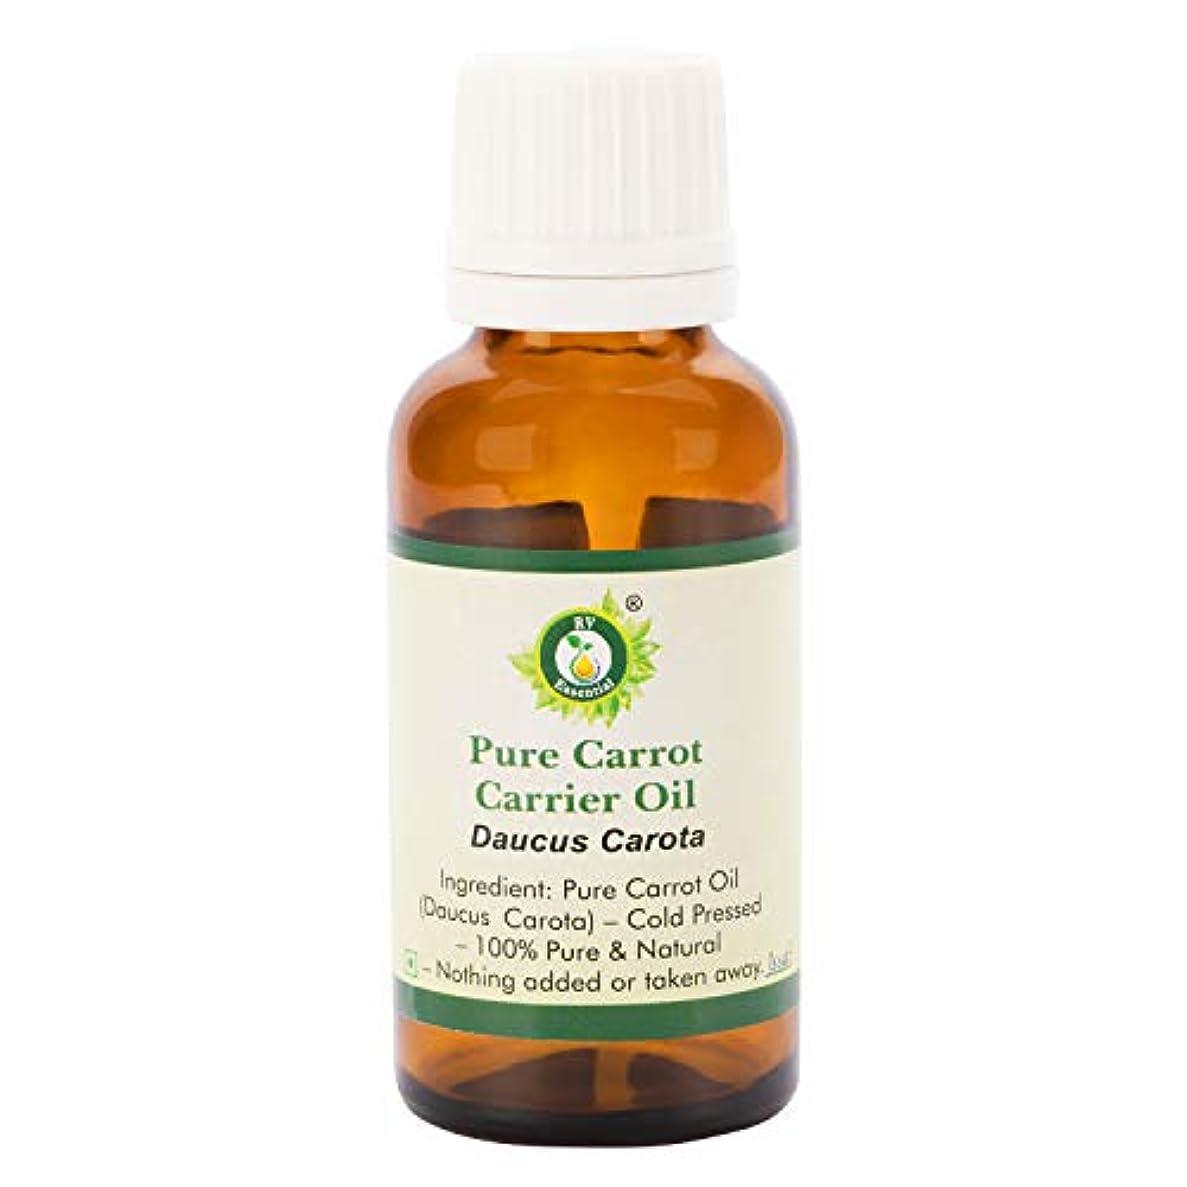 障害労働勃起ピュアキャロットキャリアオイル100ml (3.38oz)- Daucus Carota (100%ピュア&ナチュラルコールドPressed) Pure Carrot Carrier Oil